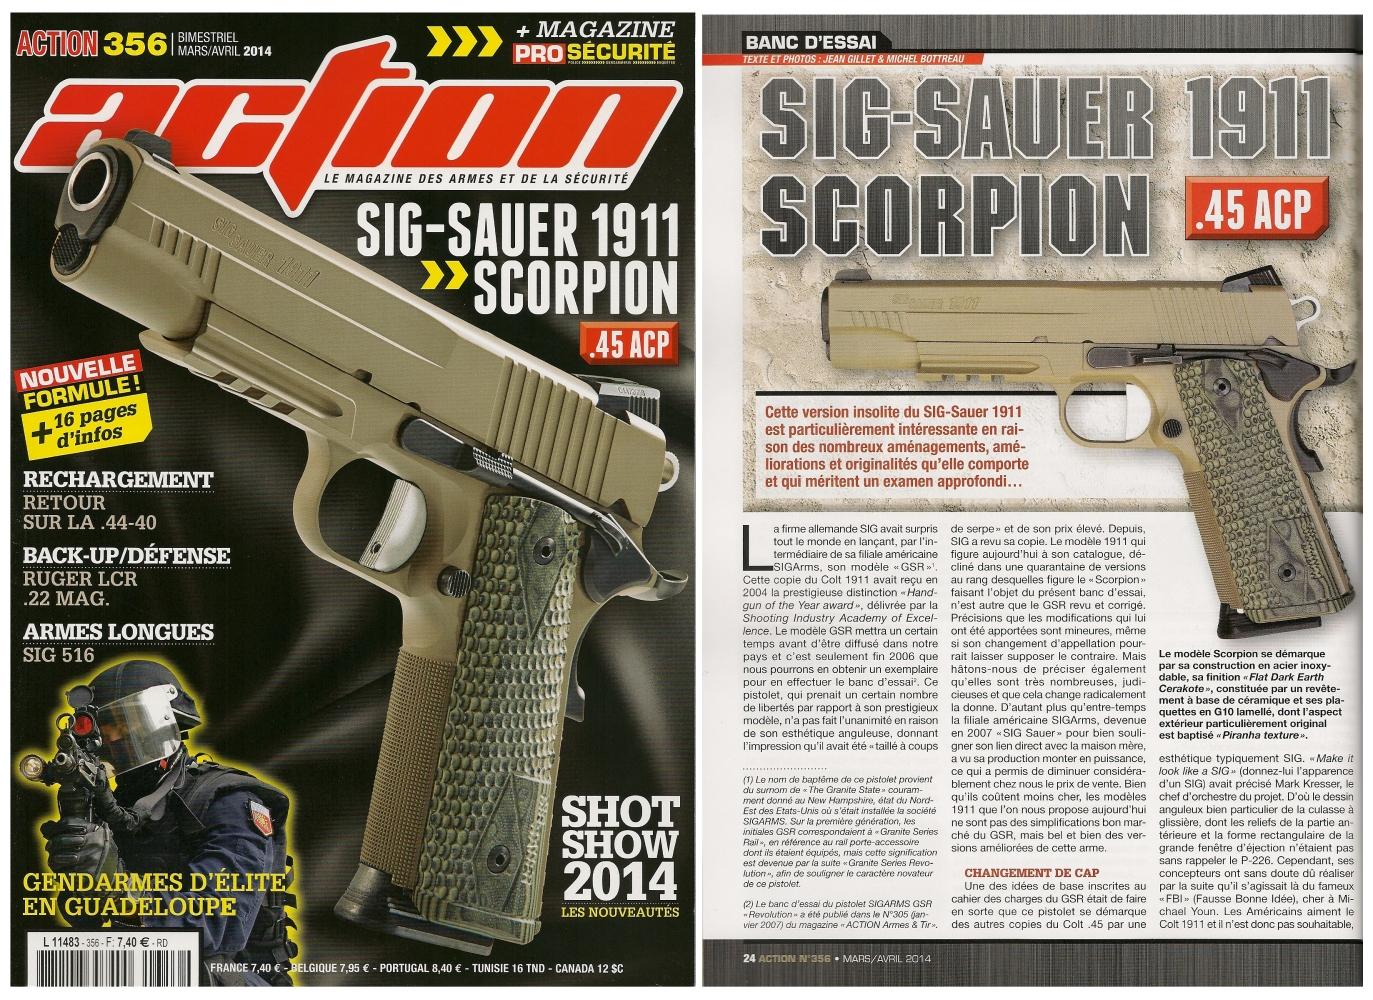 Le banc d'essai du pistolet Sig-Sauer 1911 Scorpion a été publié sur 6 pages dans le magazine Action n°356 (mars-avril 2014)